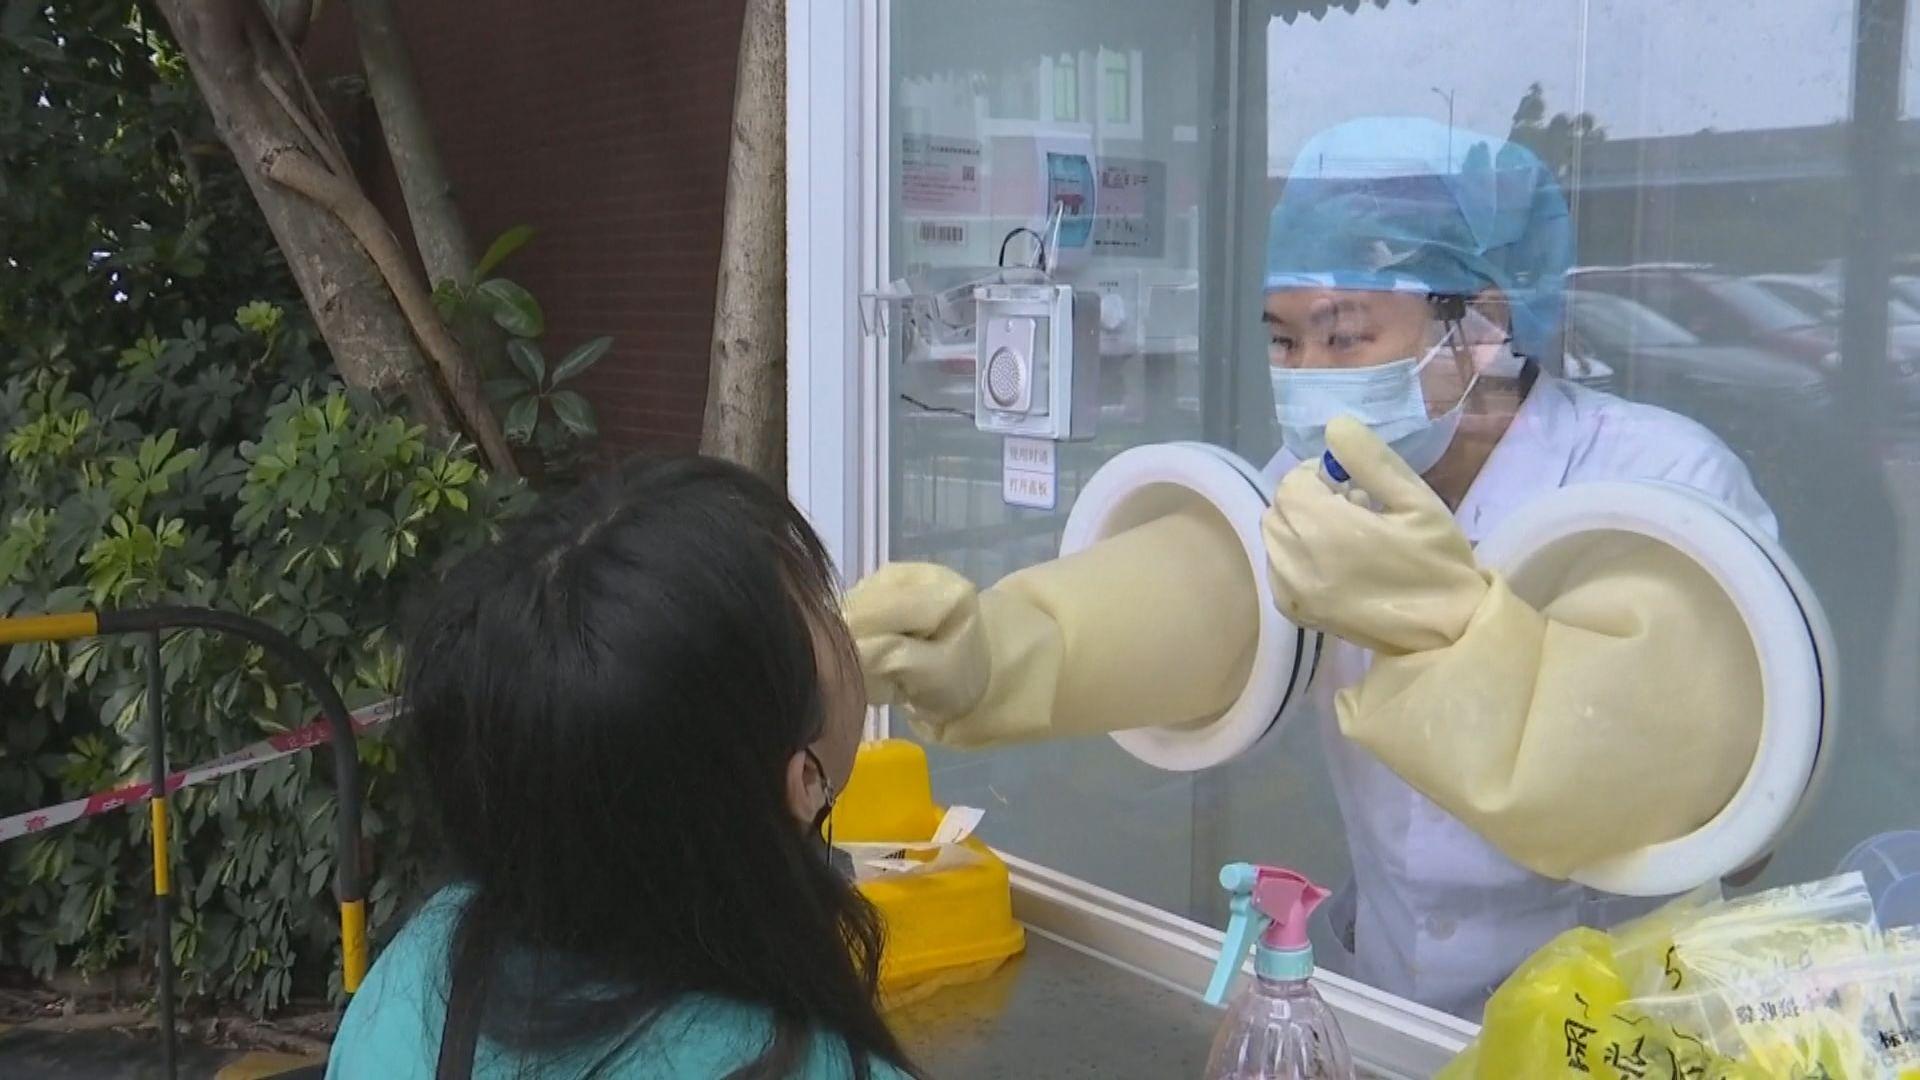 廣州疾控中心:疫情主要聚集傳播 暫無「物傳人」證據